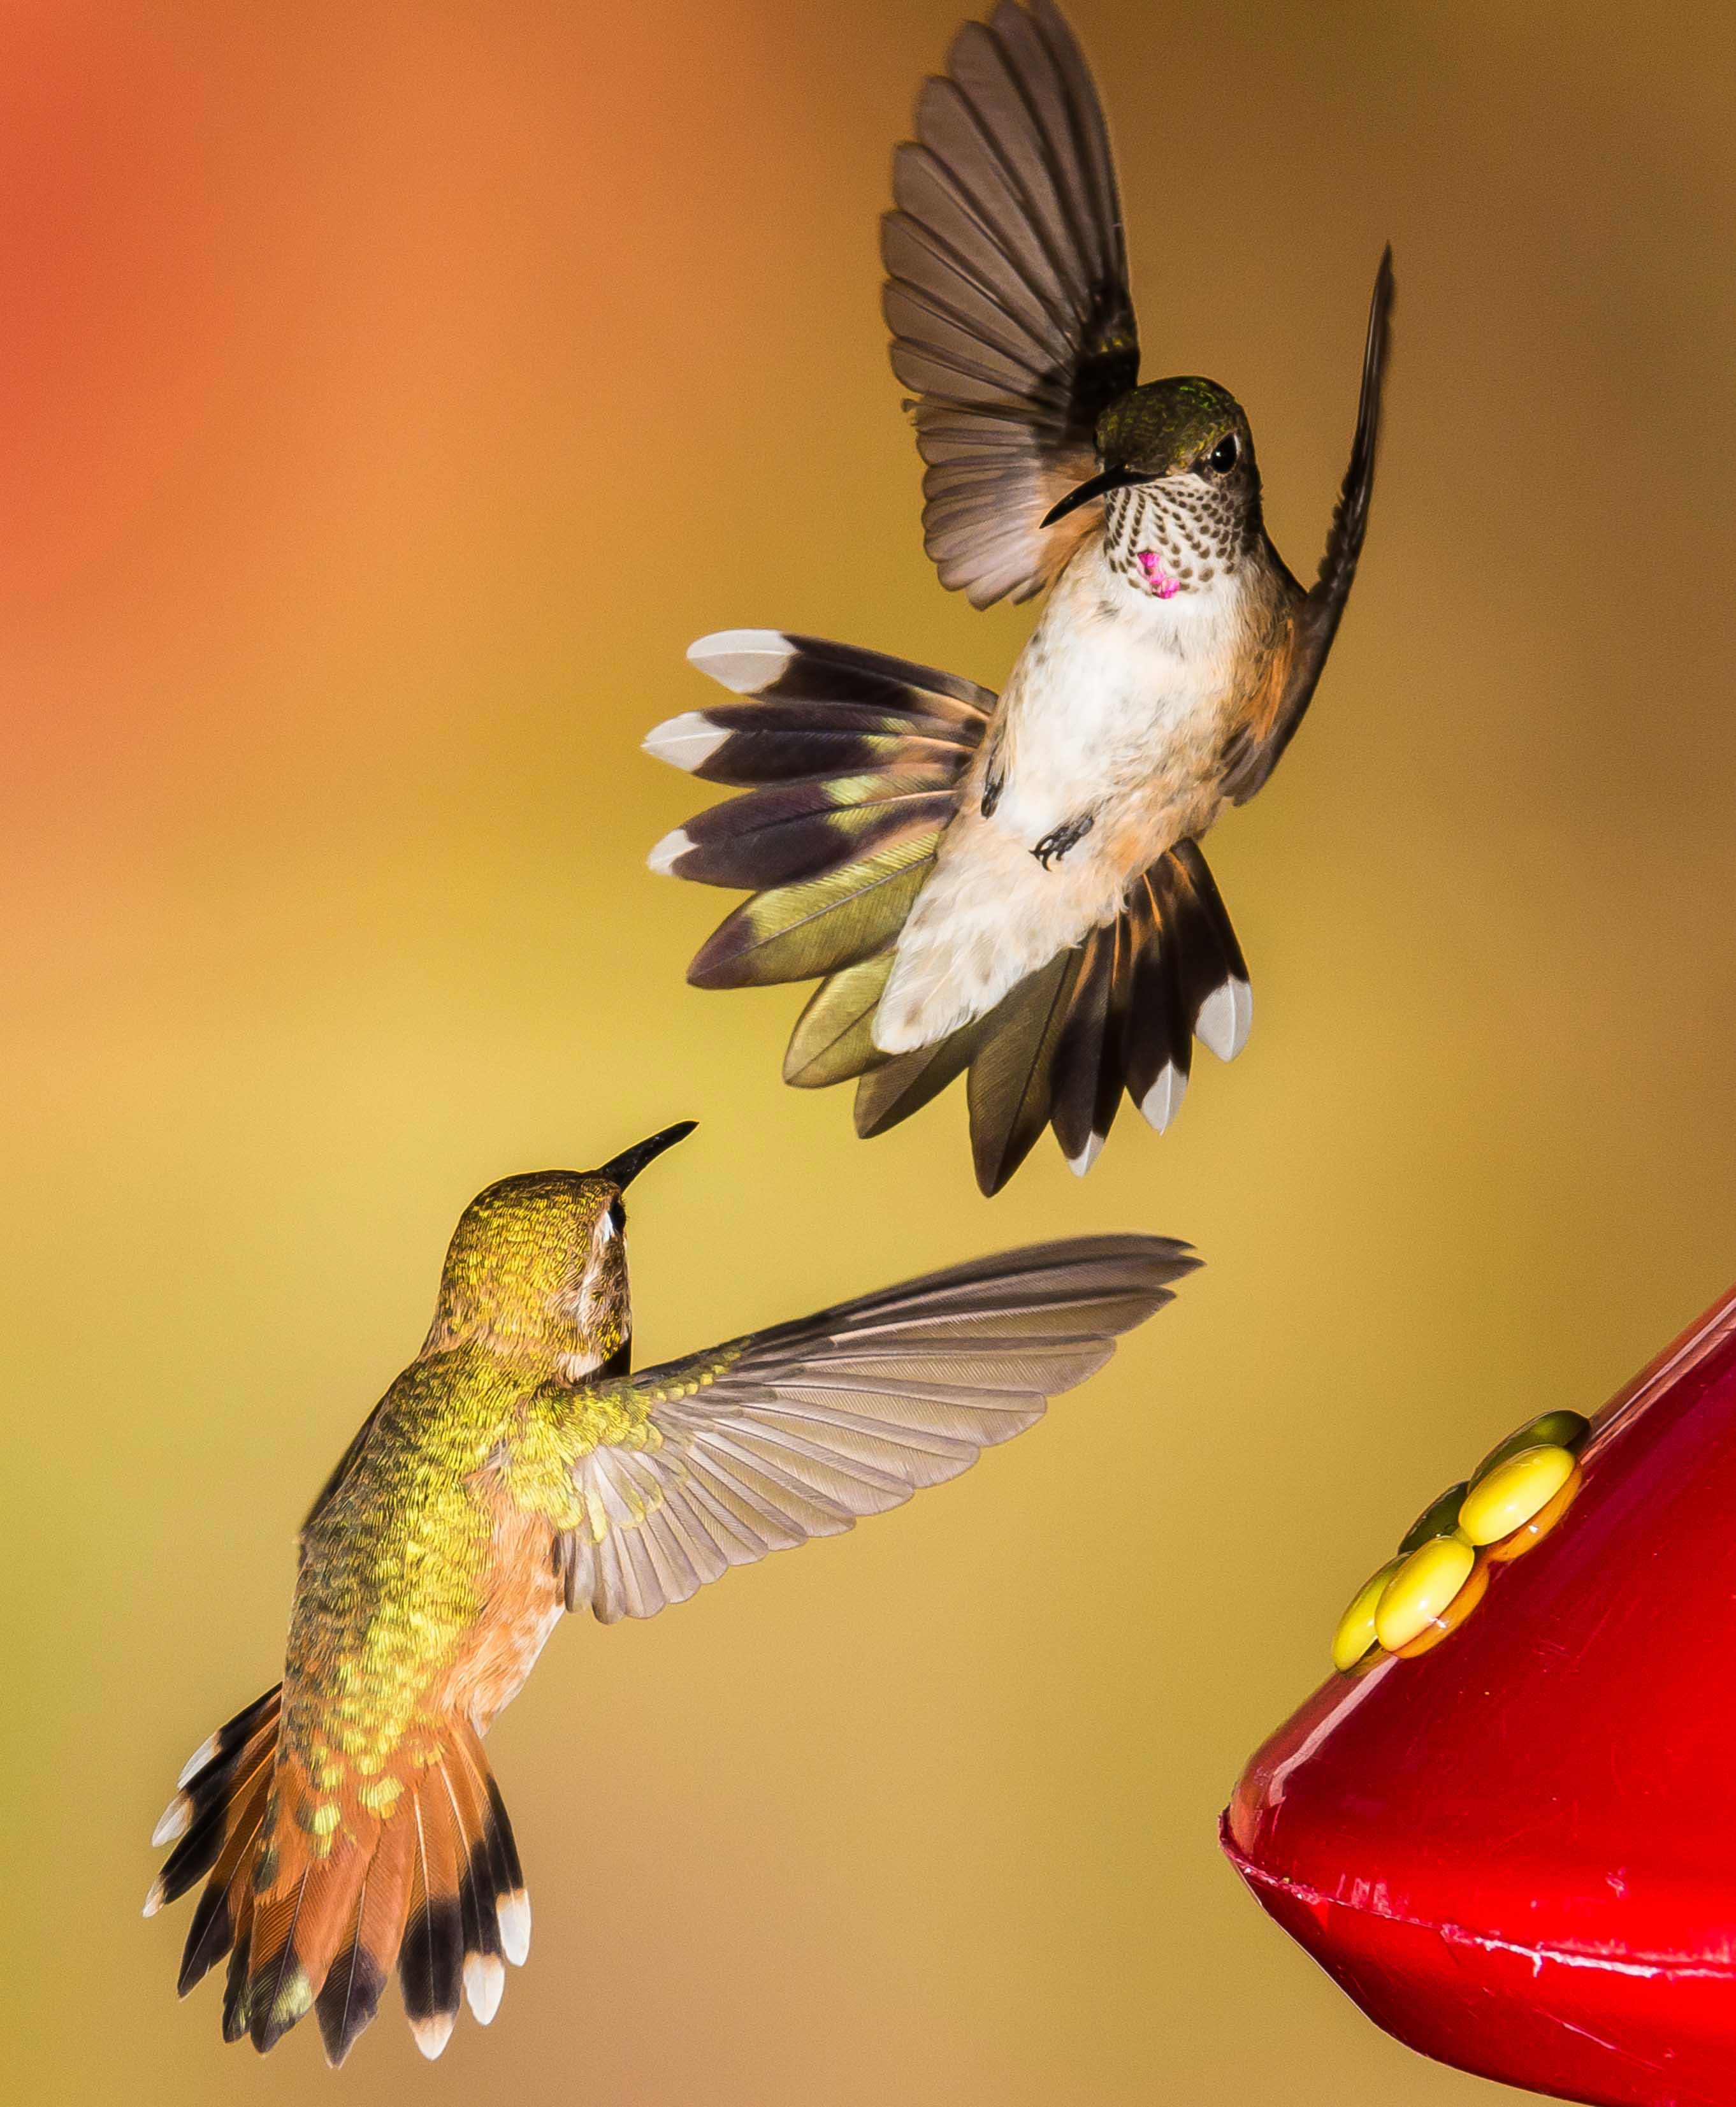 Rufous Hummingbird and Broad-tailed Hummingbird. Roger Levien/Audubon Photography Awards